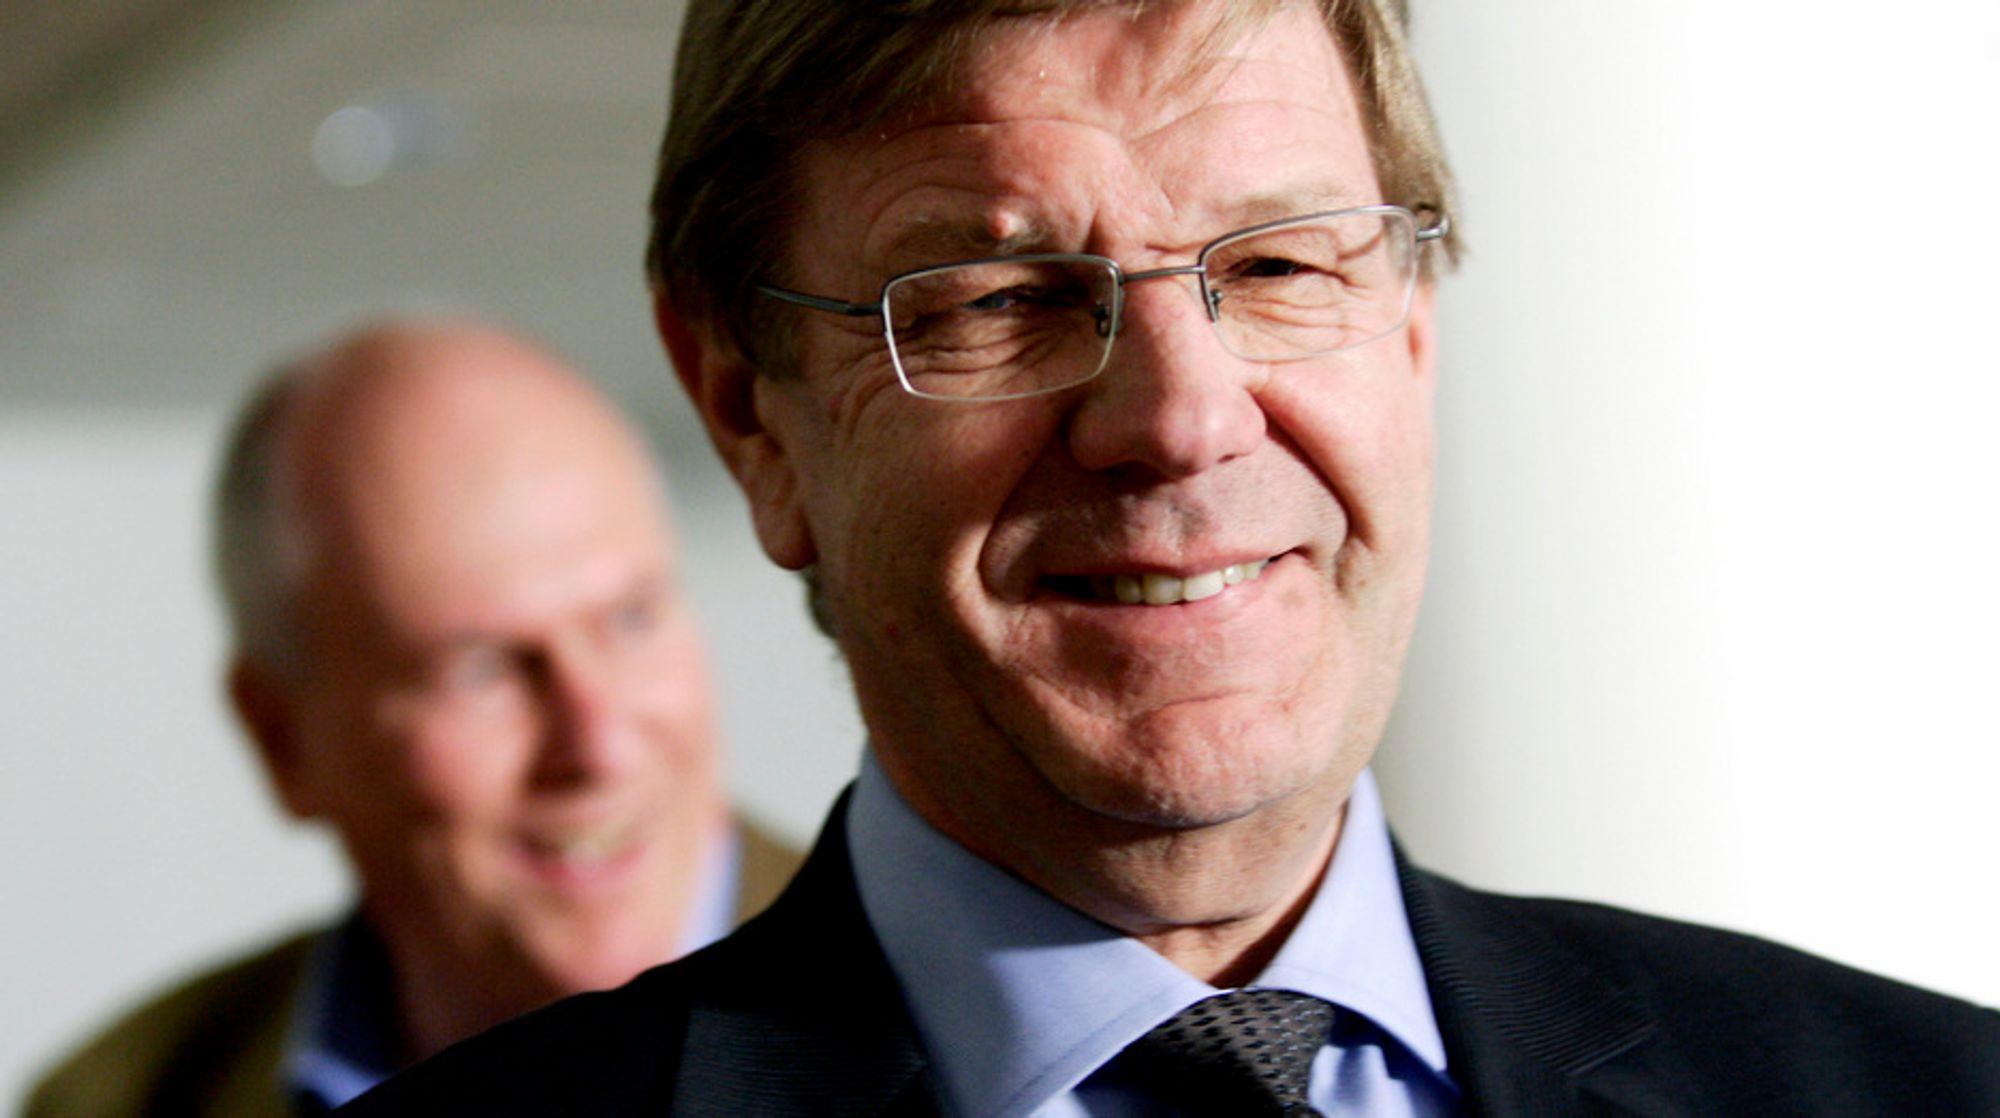 ADVARSEL: Finn Bergesen jr. mener vi må gjøre noe før vi ikke lenger har grunn til å smile.